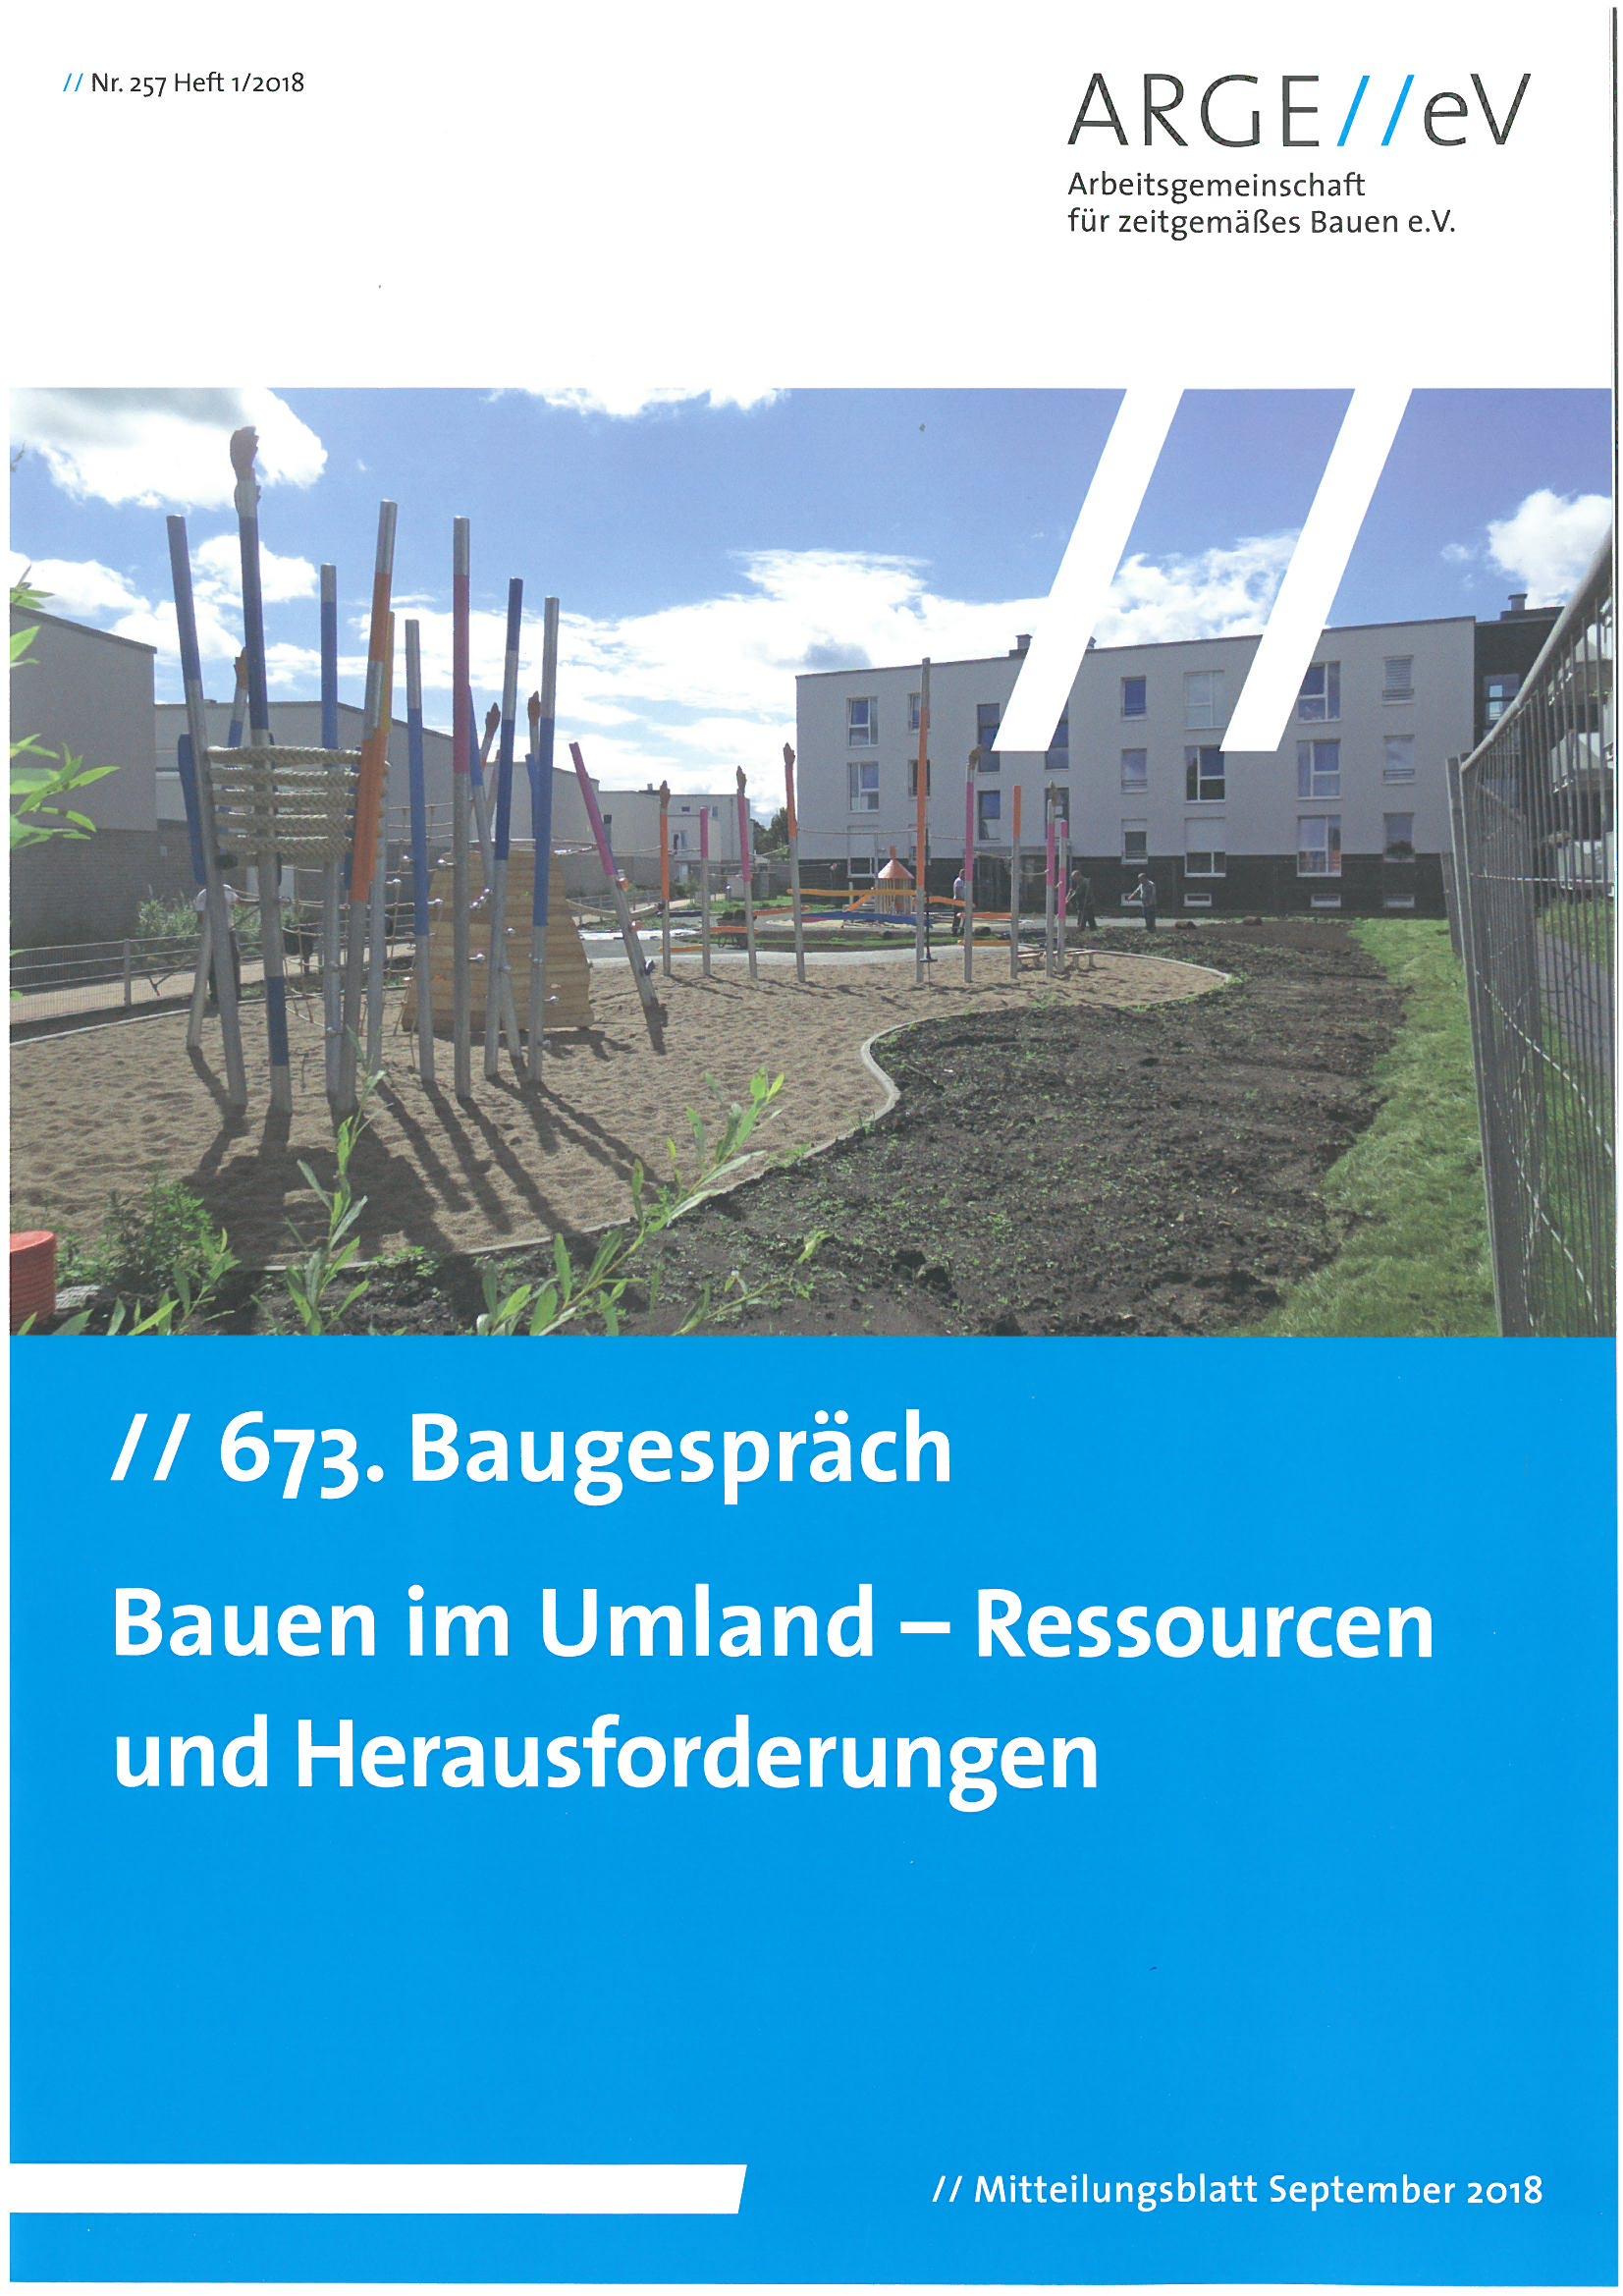 Bauen im Umland – Ressourcen und Herausforderungen